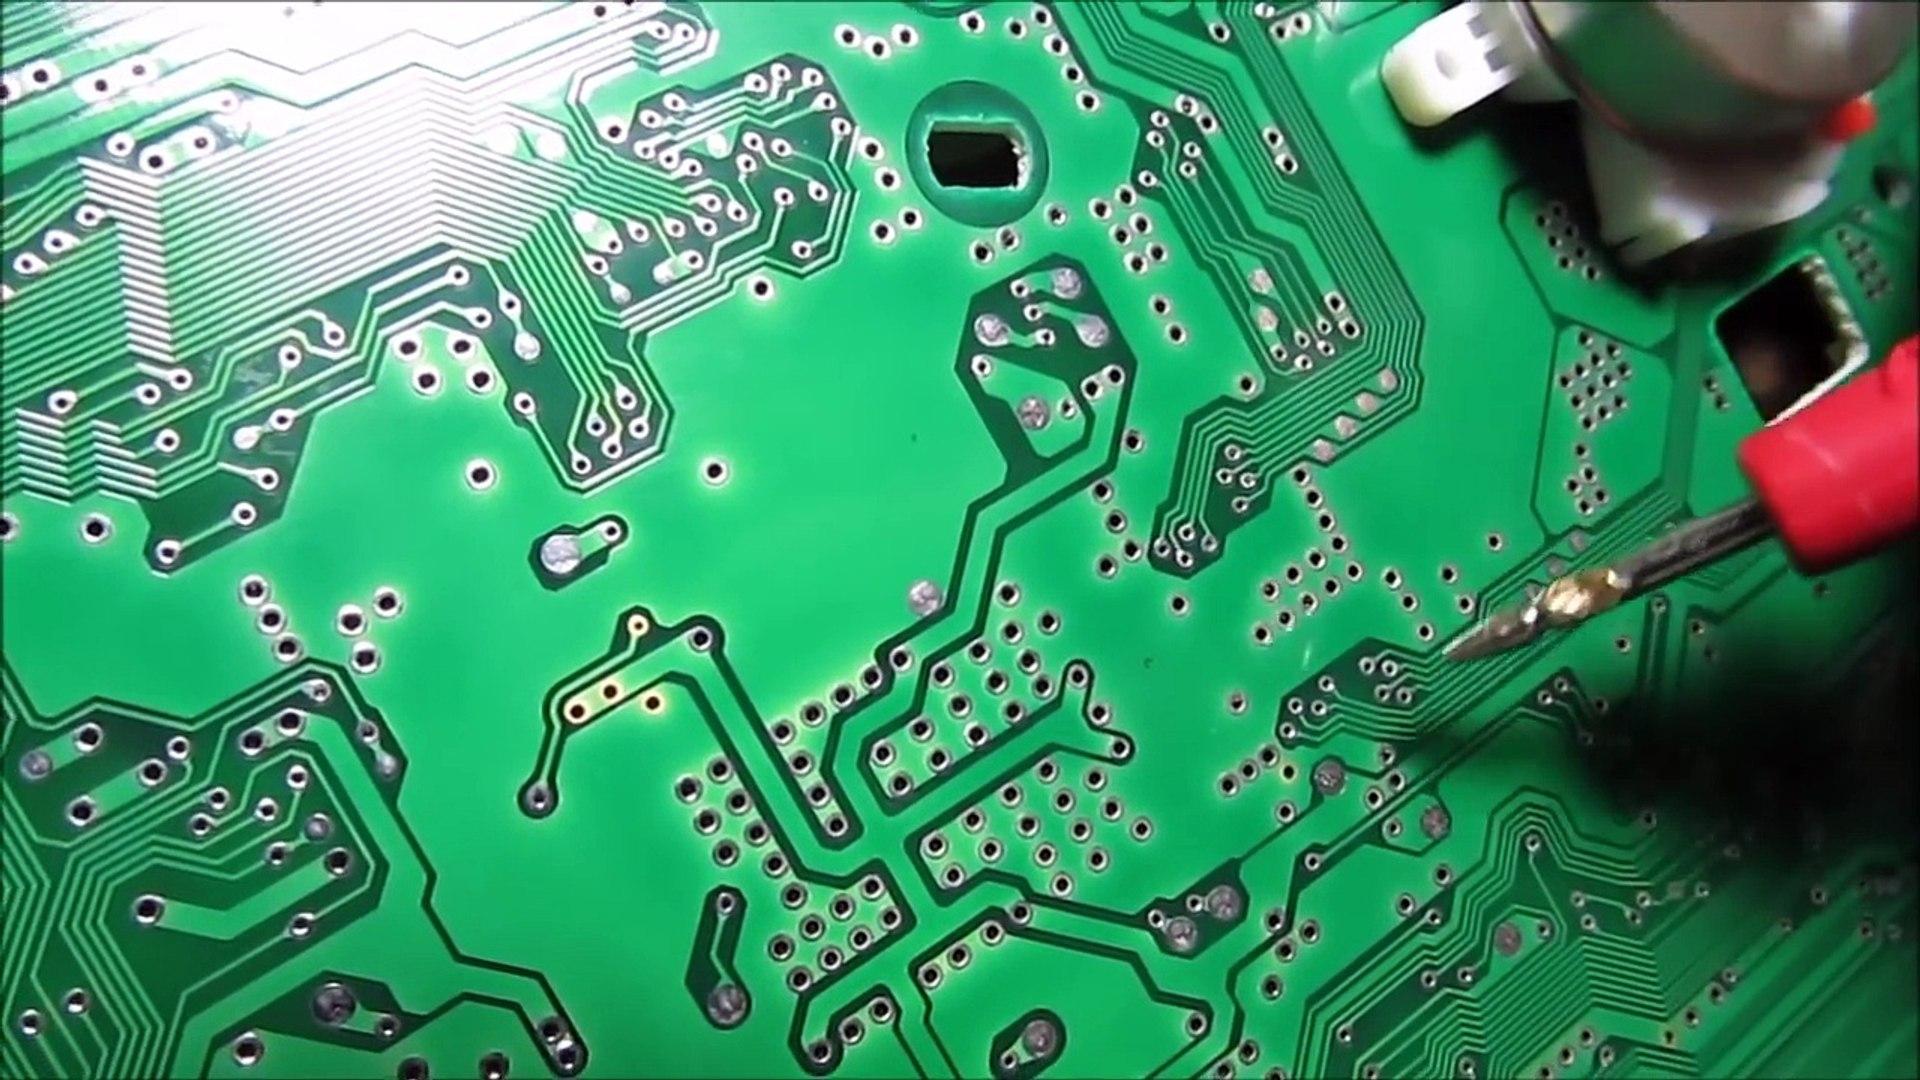 DIY: Odometer Reprogramming